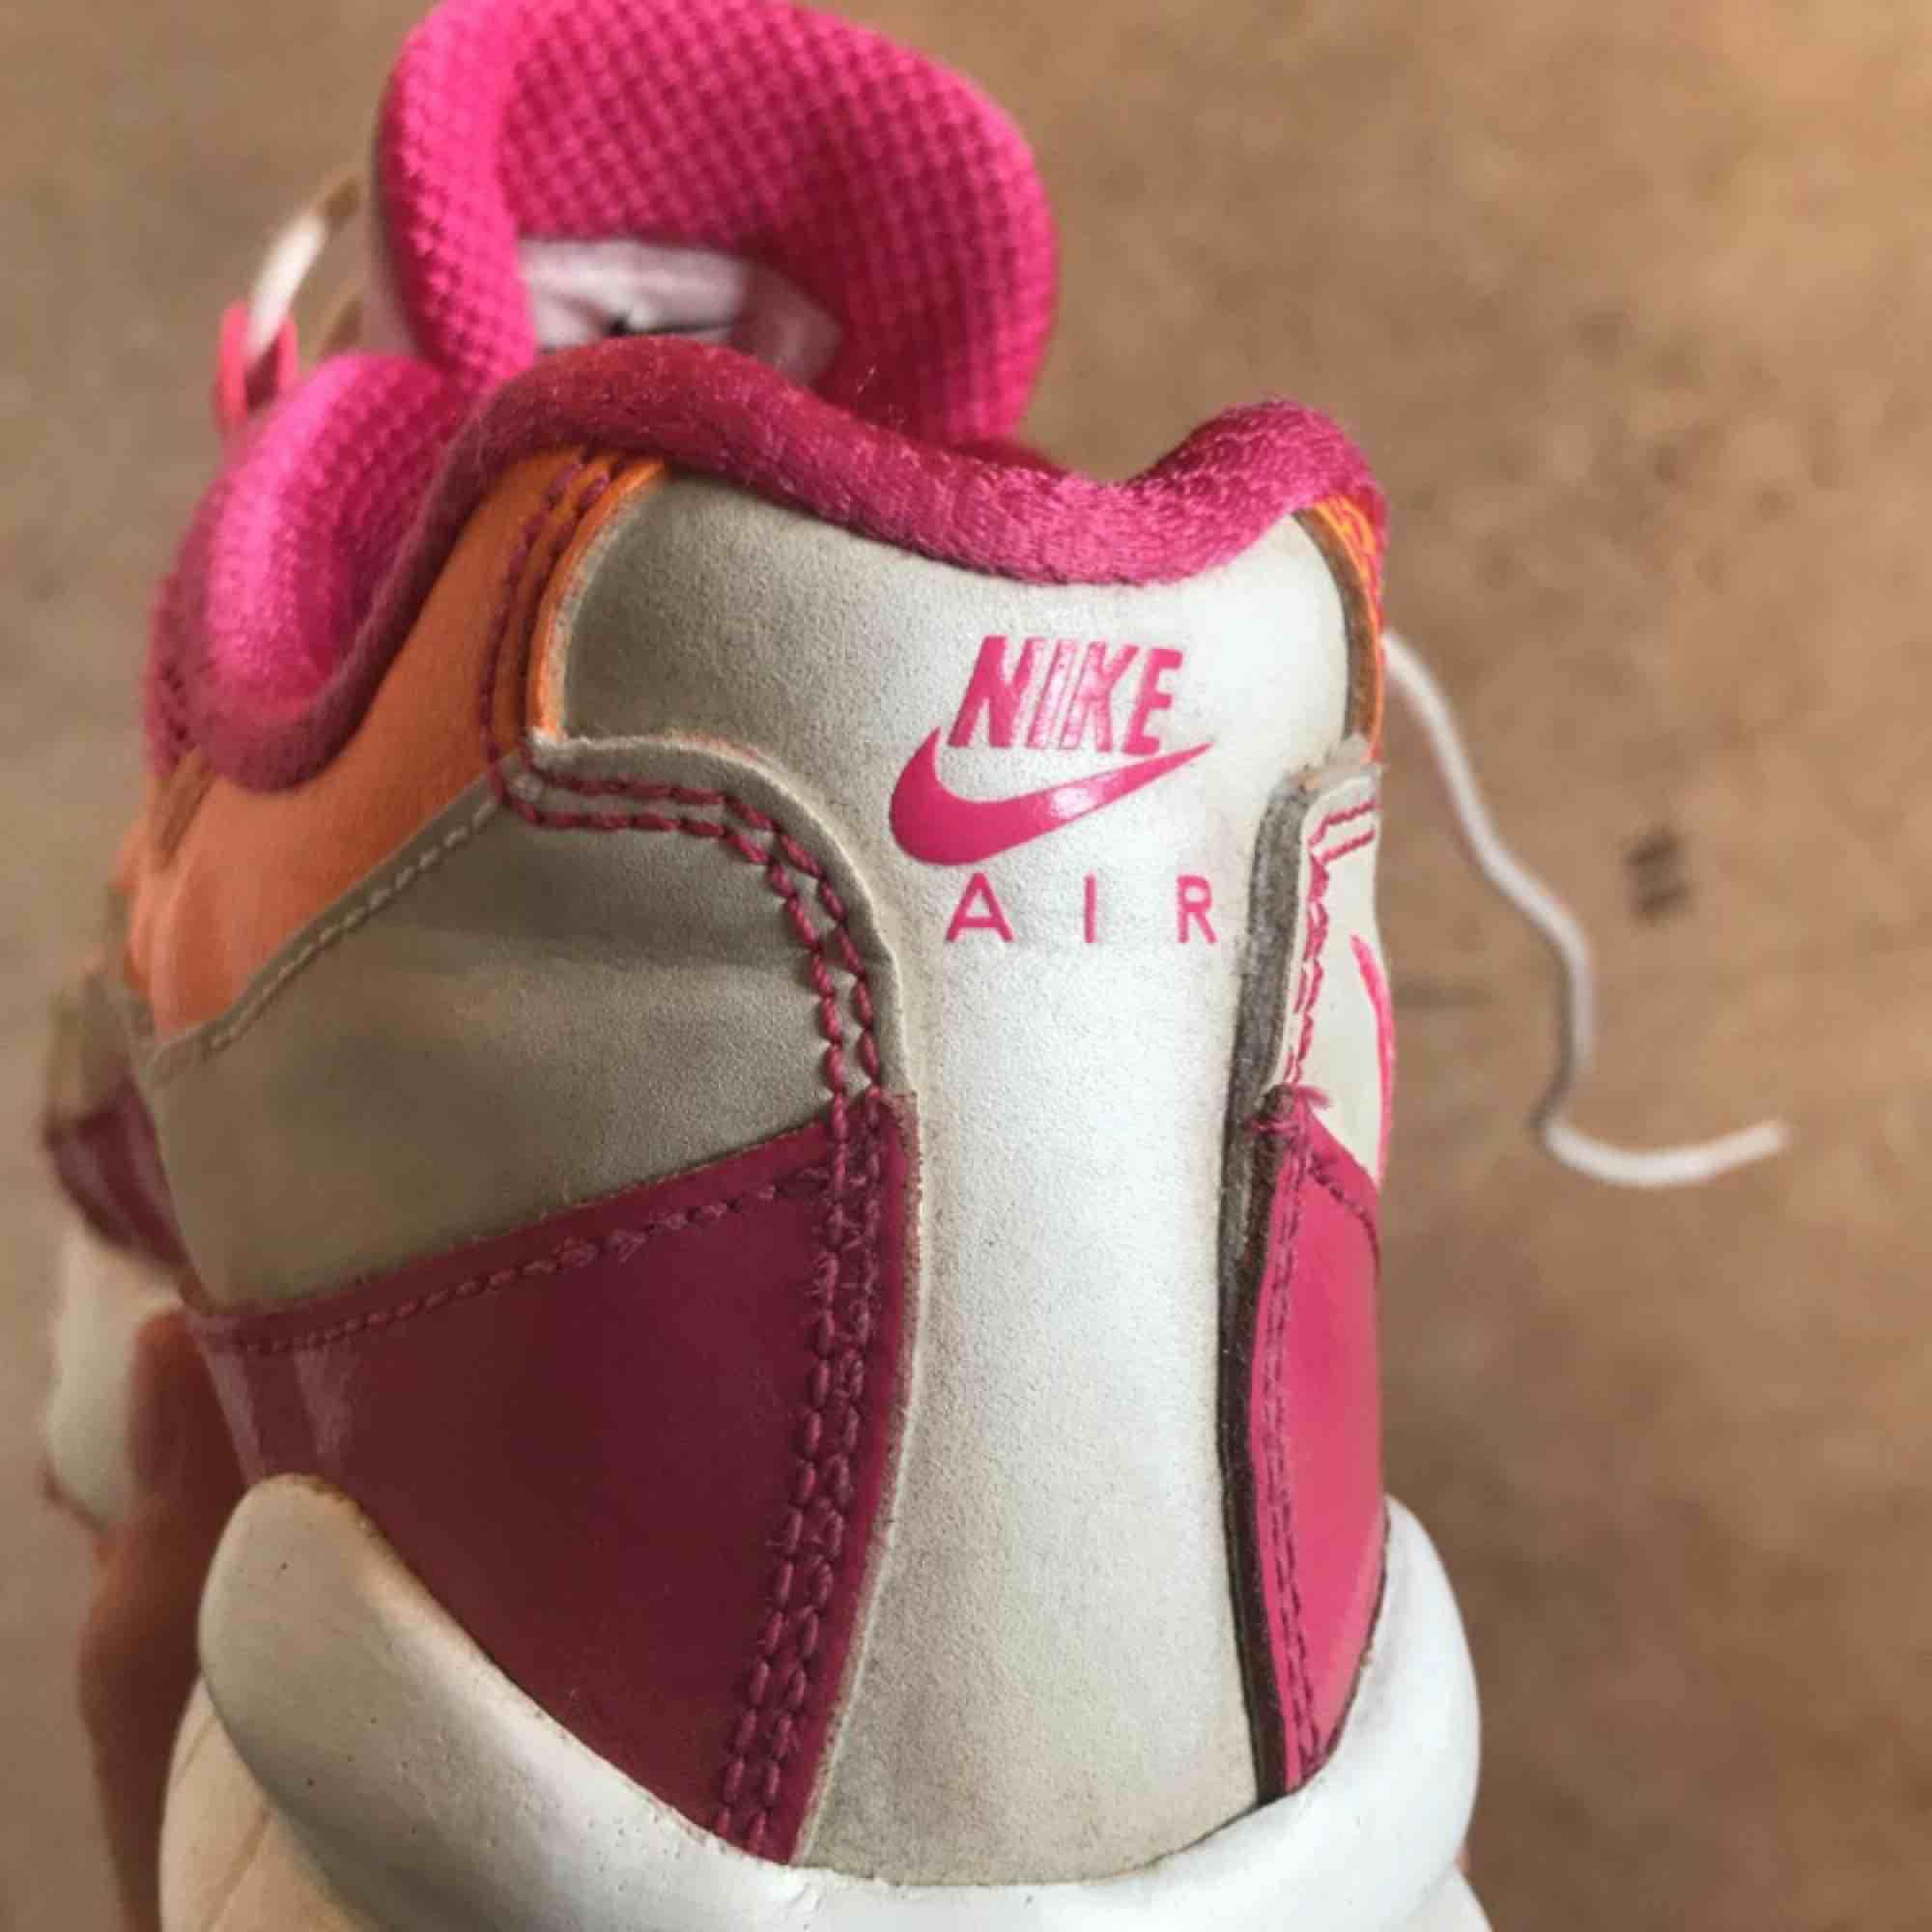 Supercoola Nike Air Max 95 Junior i storlek 35. Använda men hela och kan tvättas upp innan de skickas. Har själv bytt till de vita lite konstiga snörena men det är ju lätt att byta ut om man vill! 250 kr inkl frakt. Skor.